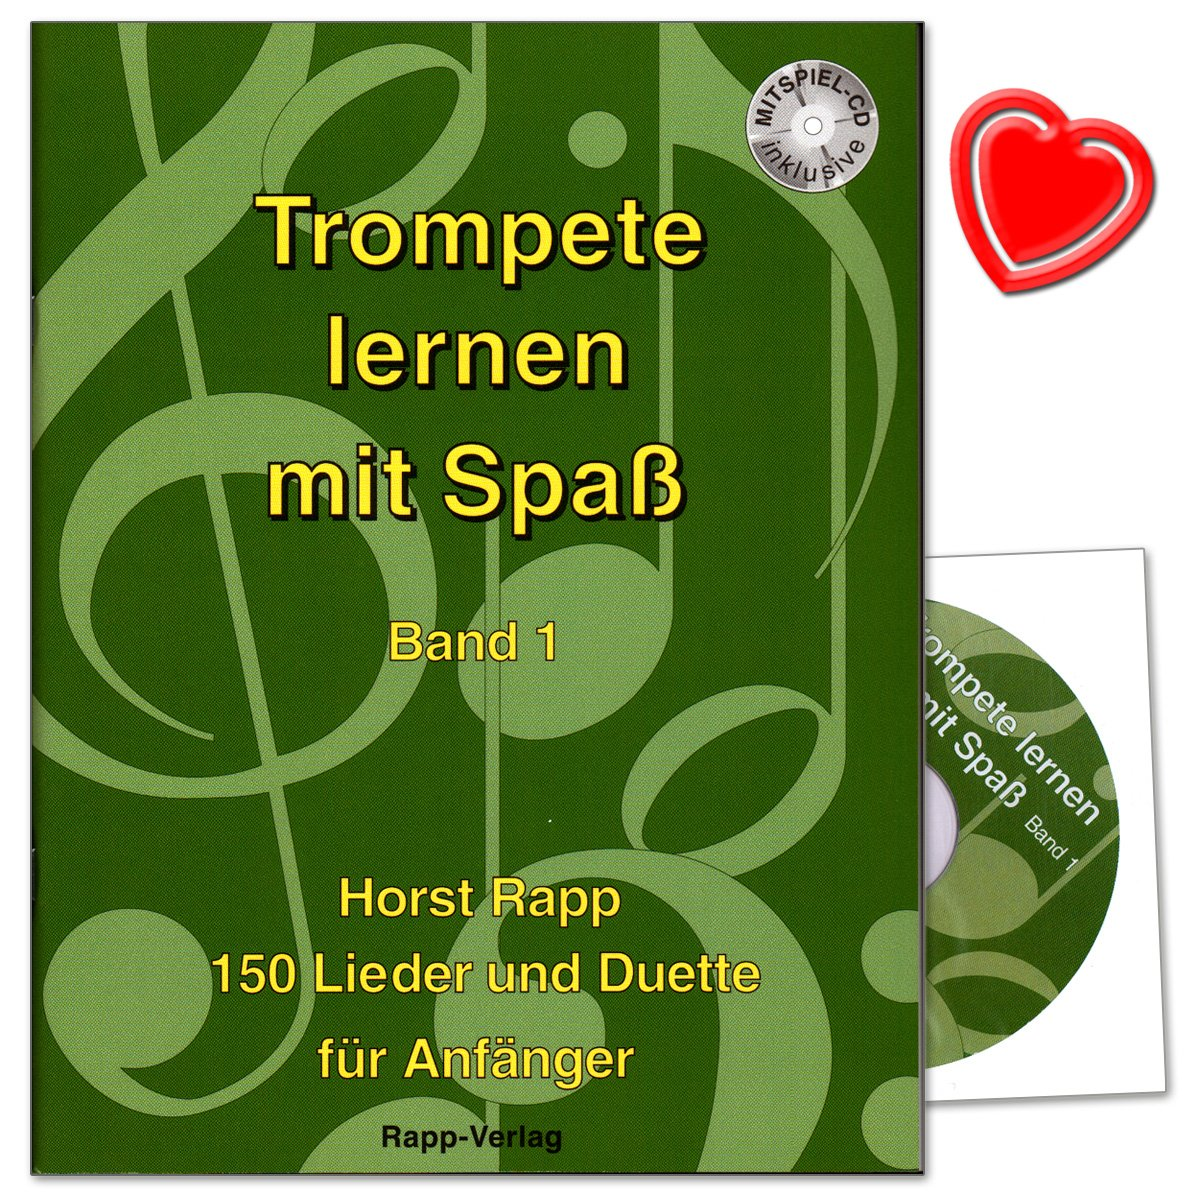 Trompete lernen mit Spaß Band 1 für Anfänger - 150 Lieder und Duette ...